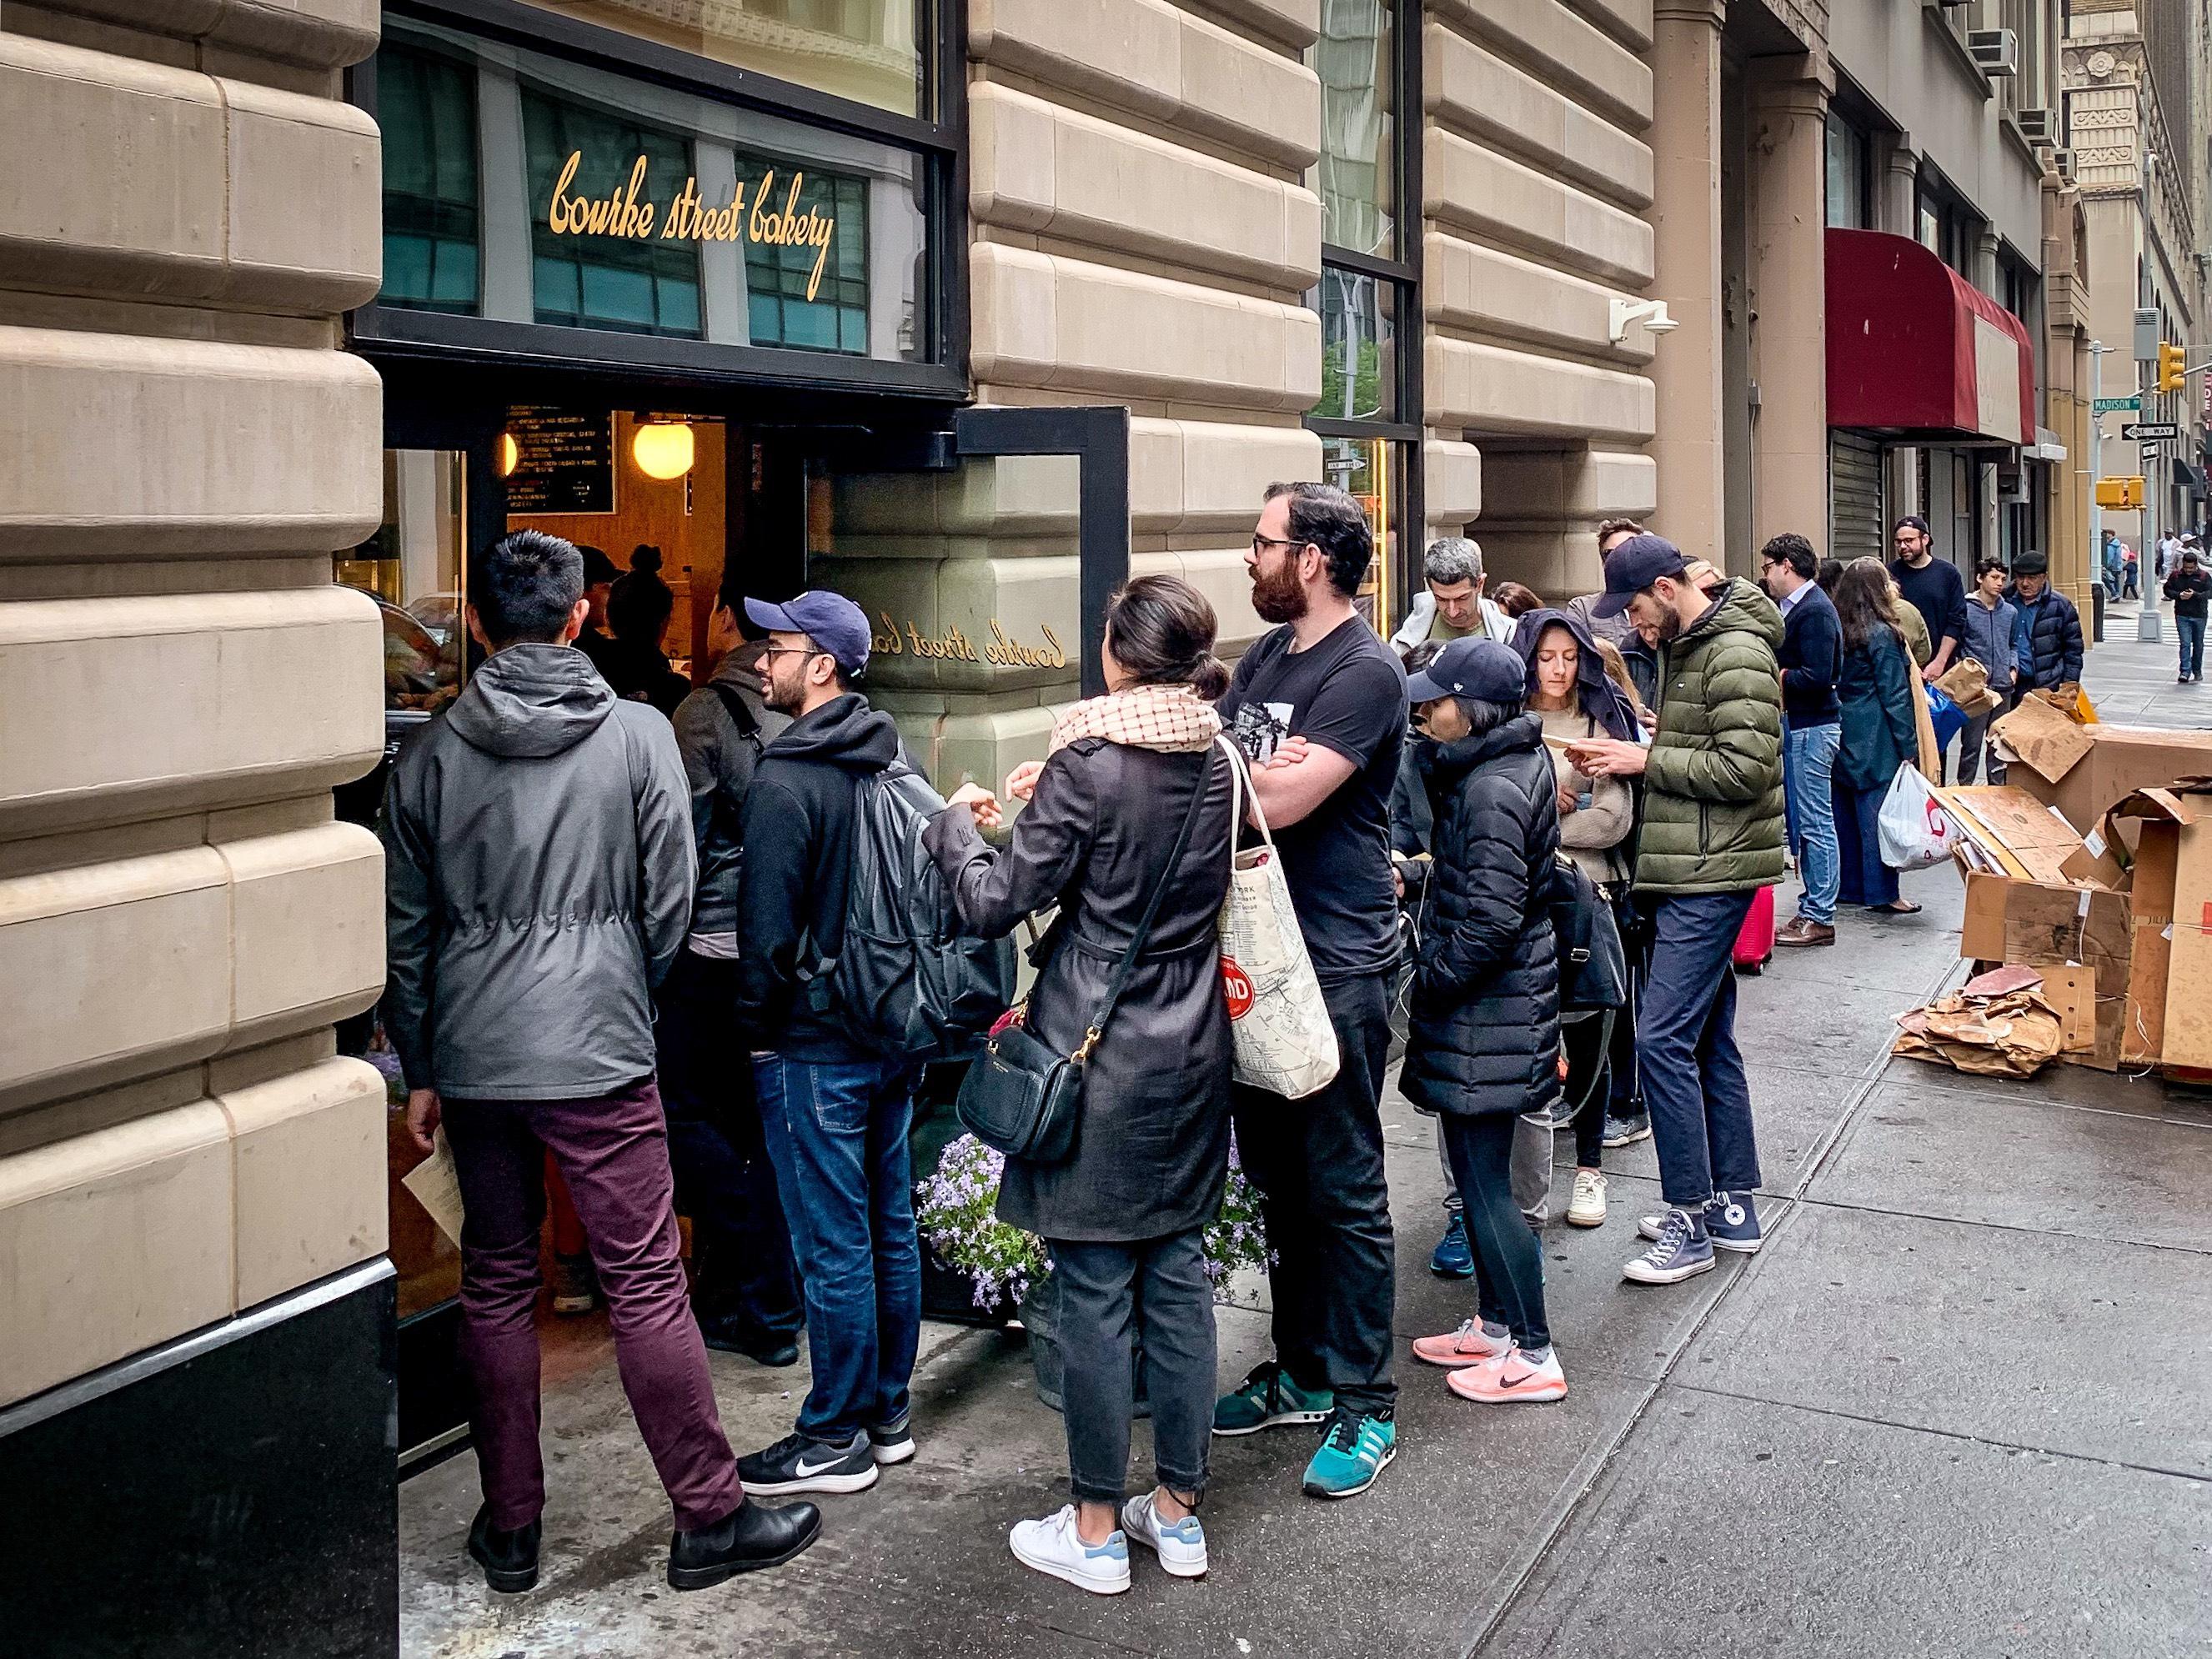 Bourke Street Bakery's opening day line